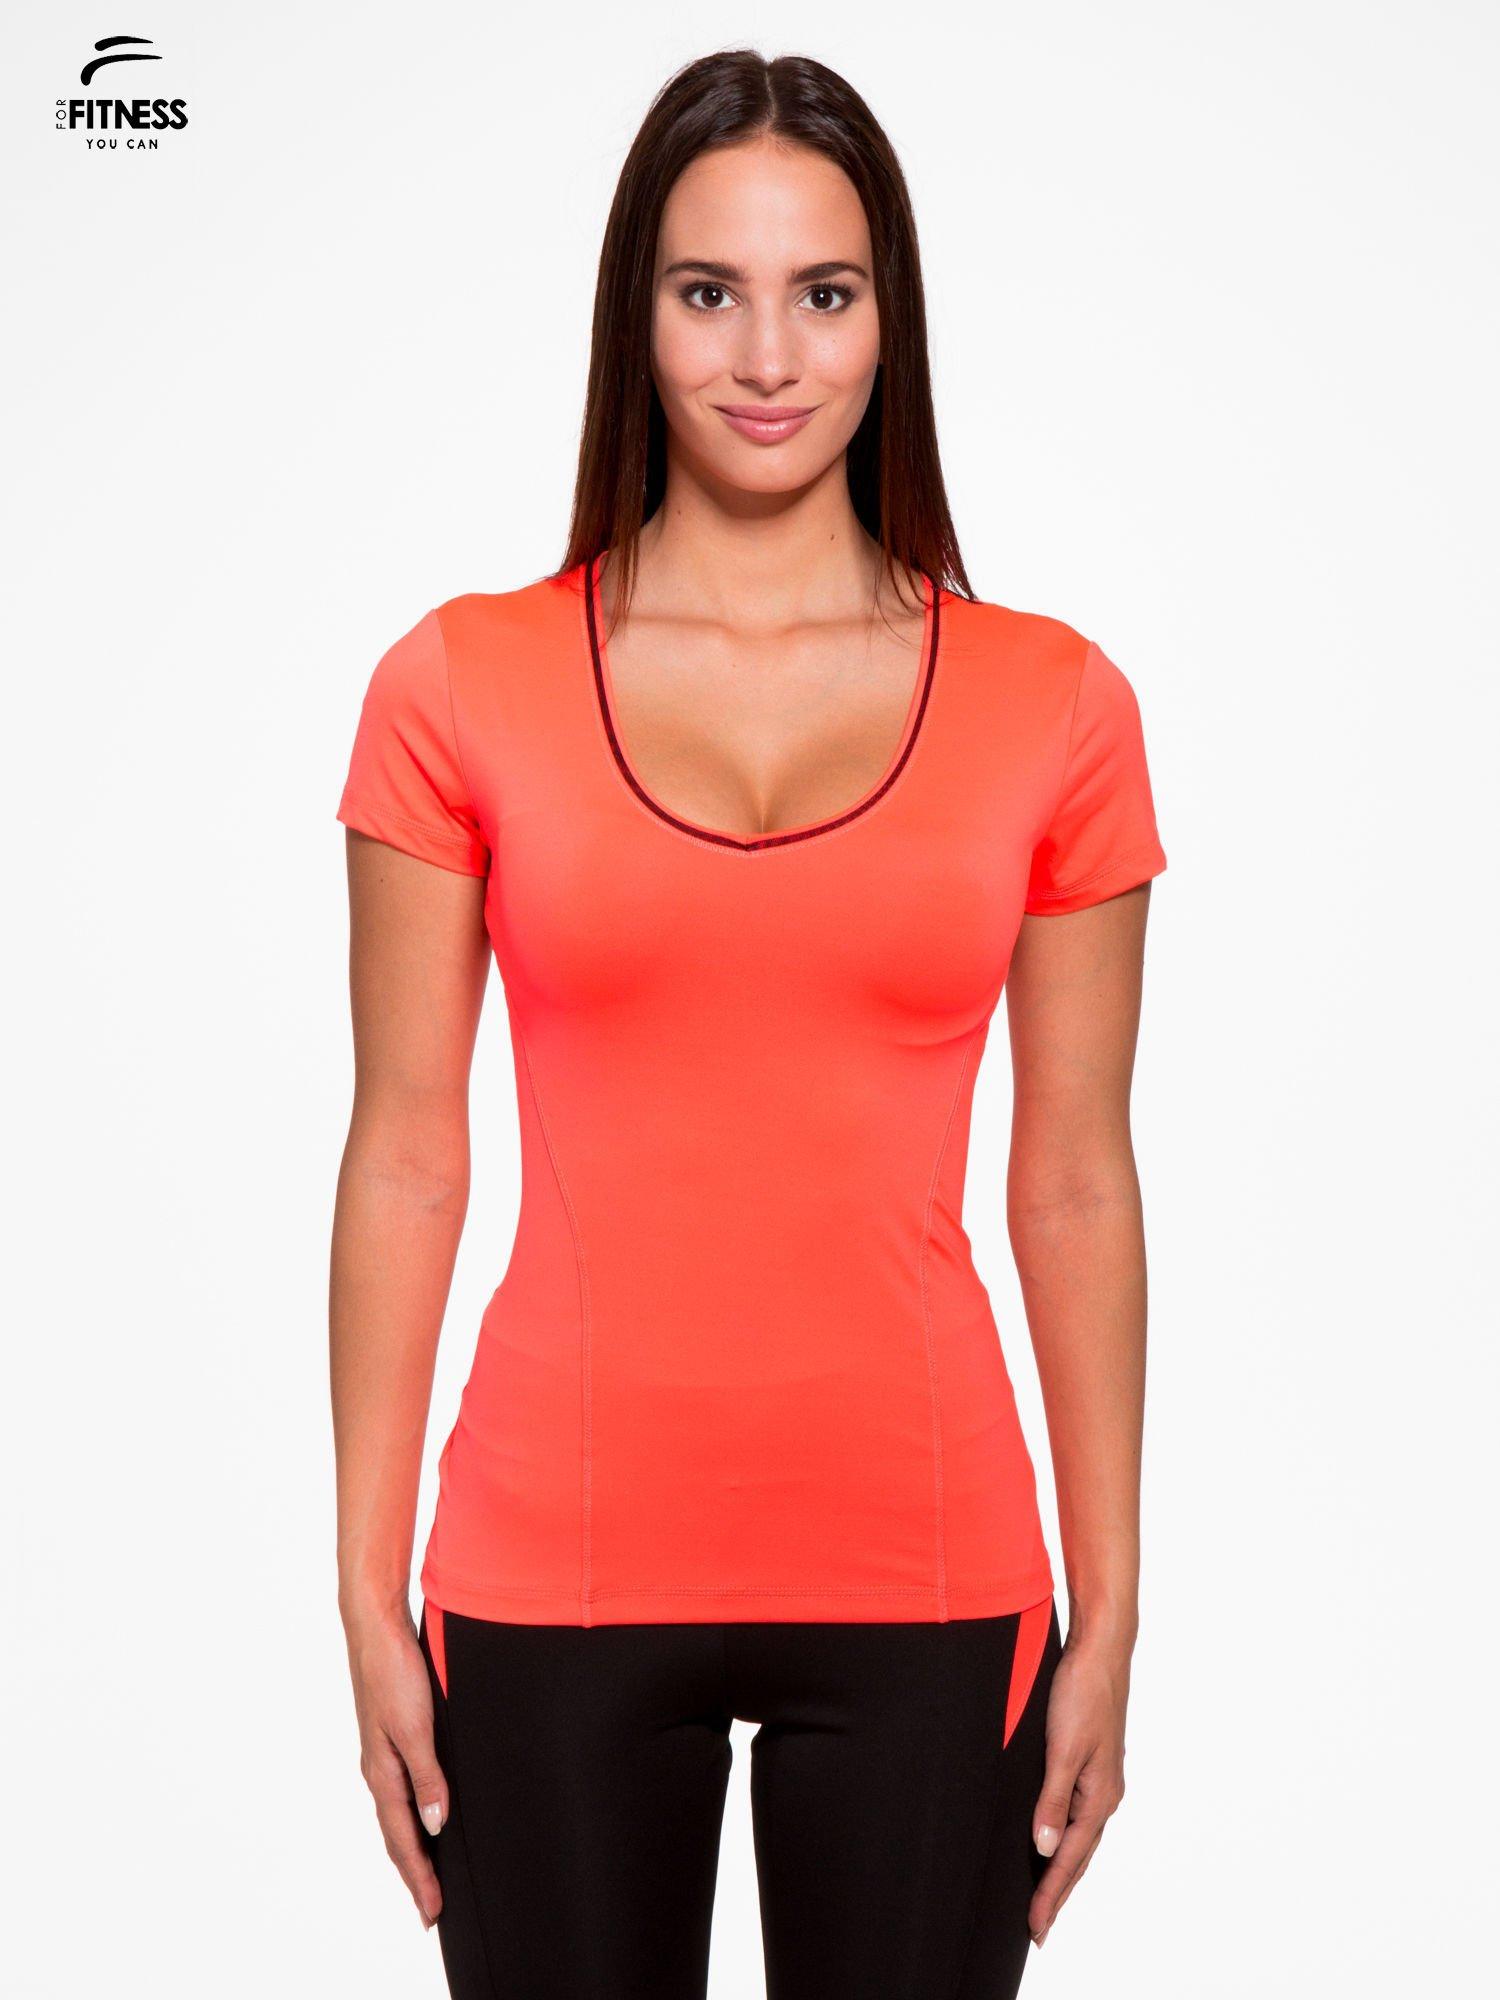 Fluoróżowy termoaktywny t-shirt sportowy z siateczką przy dekolcie i z tyłu ♦ Performance RUN                                  zdj.                                  1